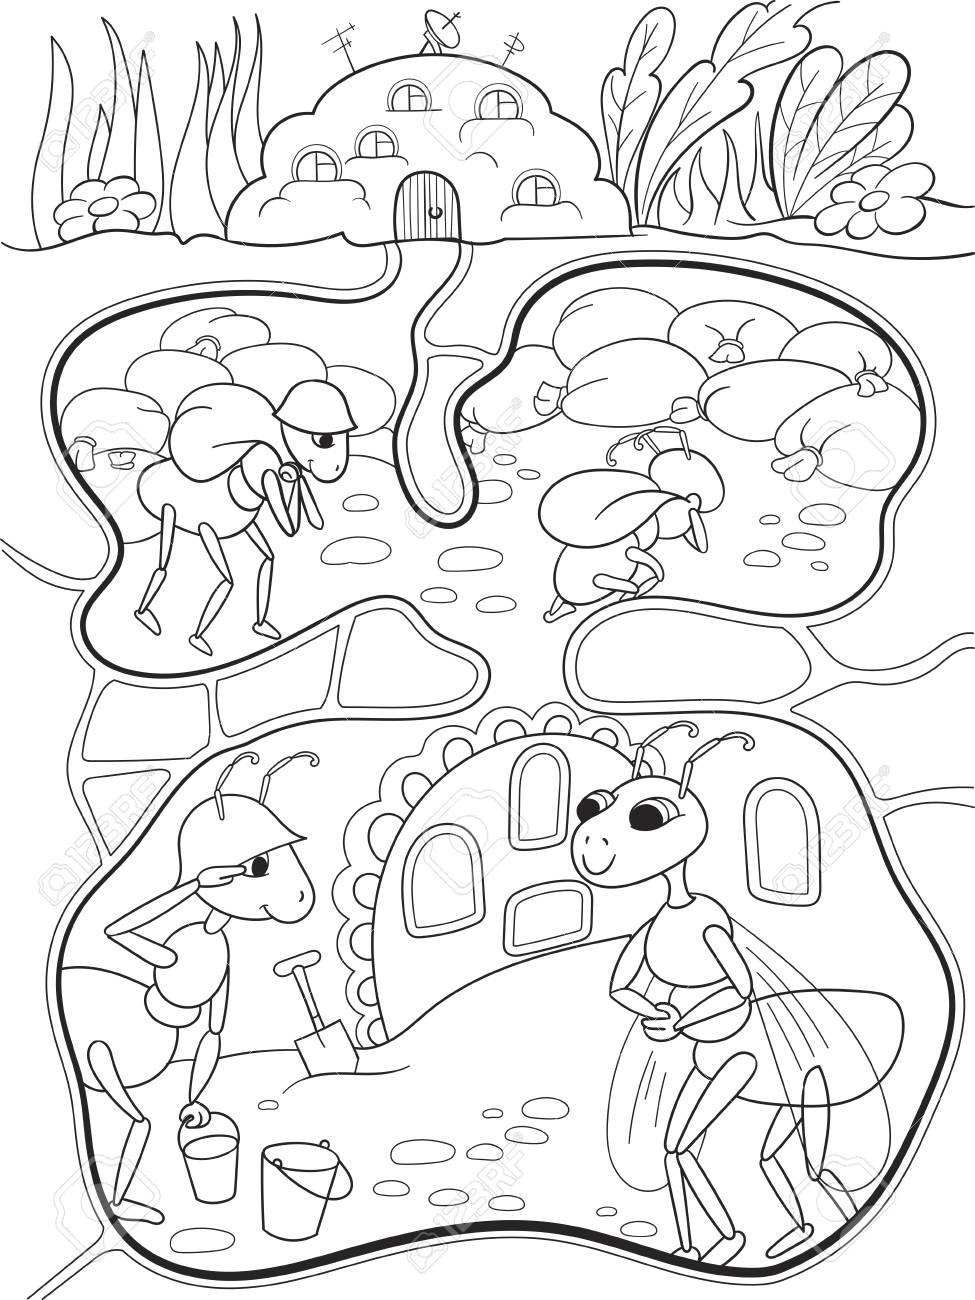 Interior Y La Vida Familiar De Las Hormigas En Un Hormiguero Para Colorear Ilustración De Dibujos Animados De Los Niños